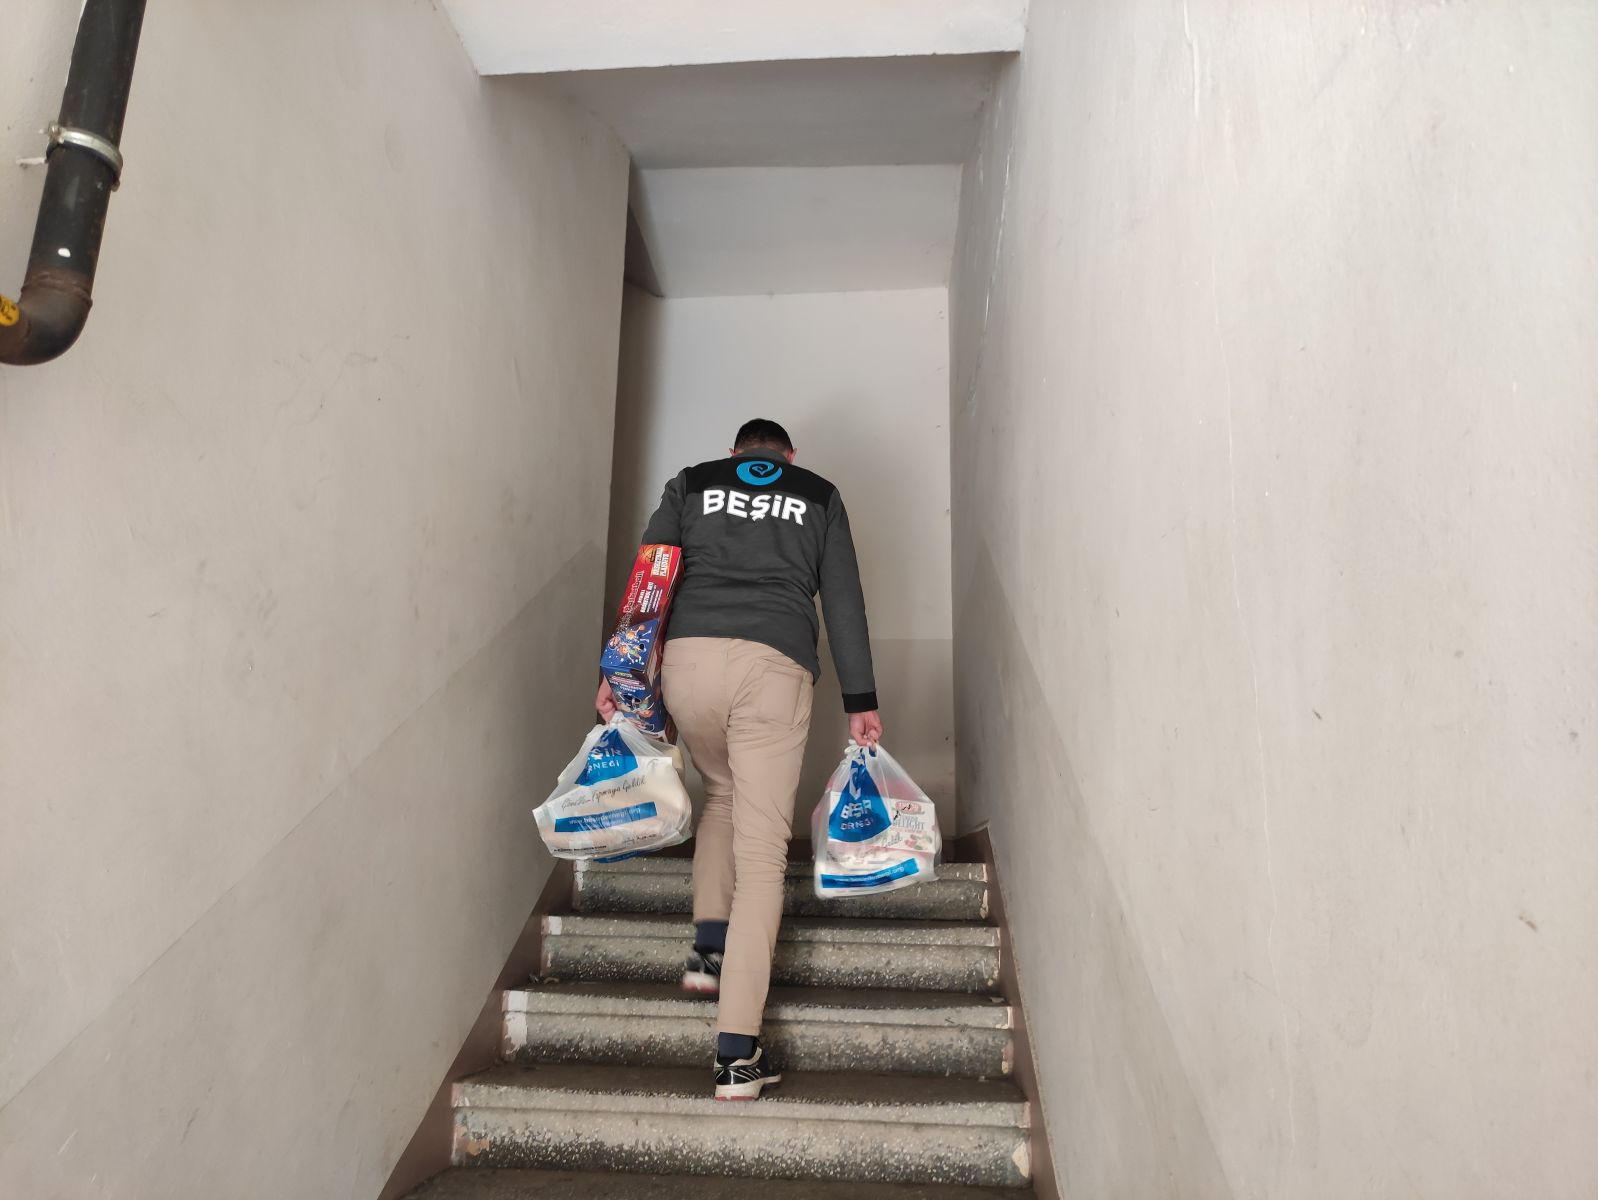 Rize'de İhtiyaç Sahibi Yüzleri Güldürdük